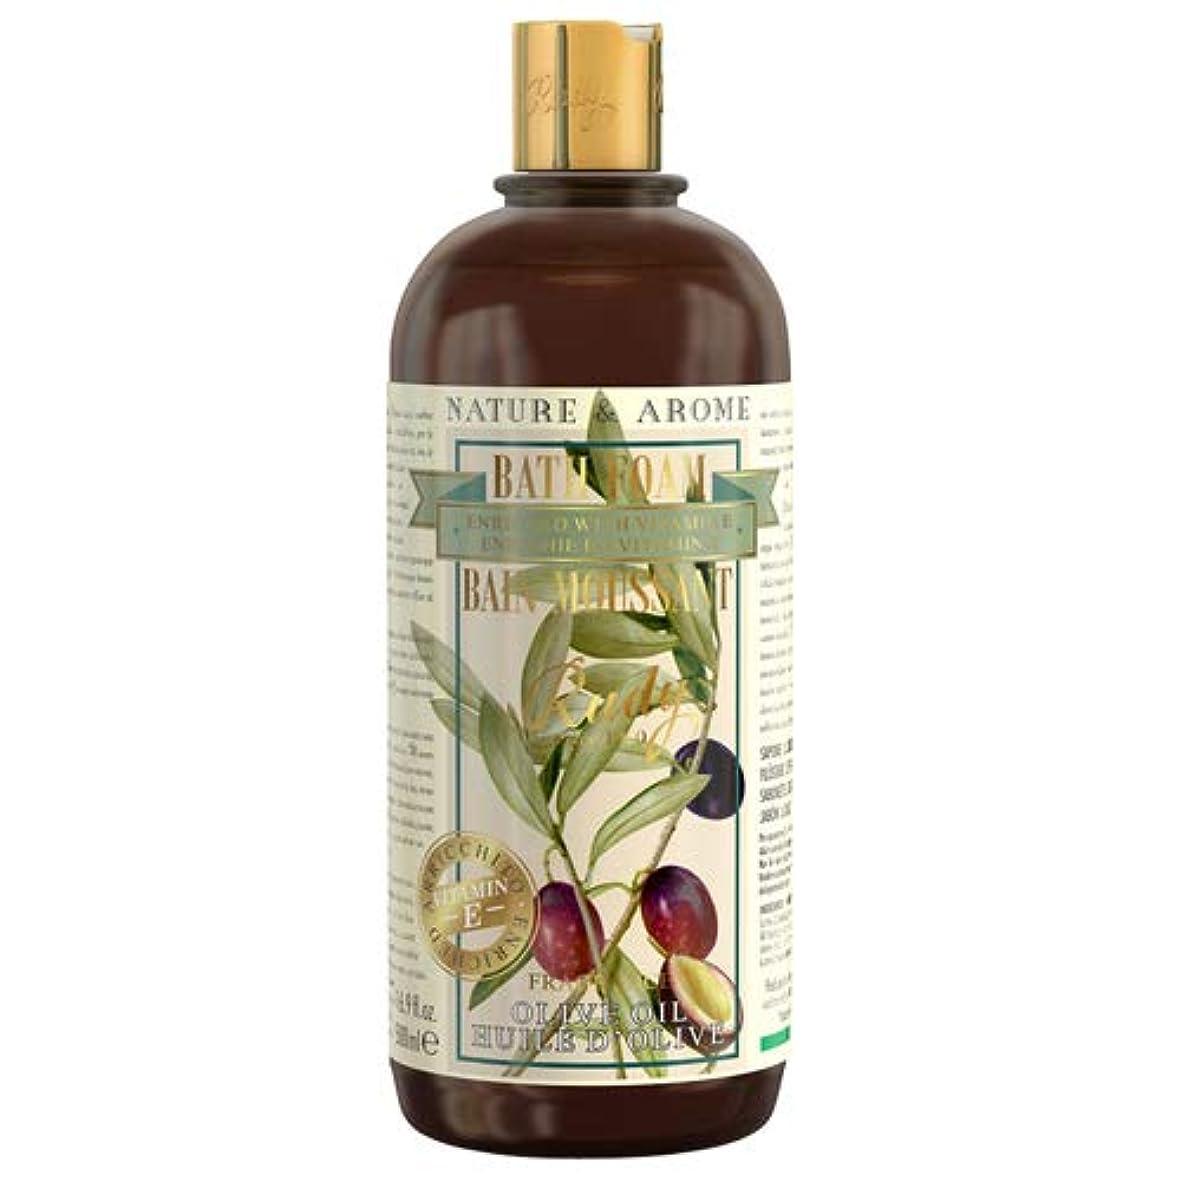 シンプルな筋ラインルディ(Rudy) RUDY Nature&Arome Apothecary ネイチャーアロマ アポセカリー Bath & Shower Gel バス&シャワージェル Olive Oil オリーブオイル